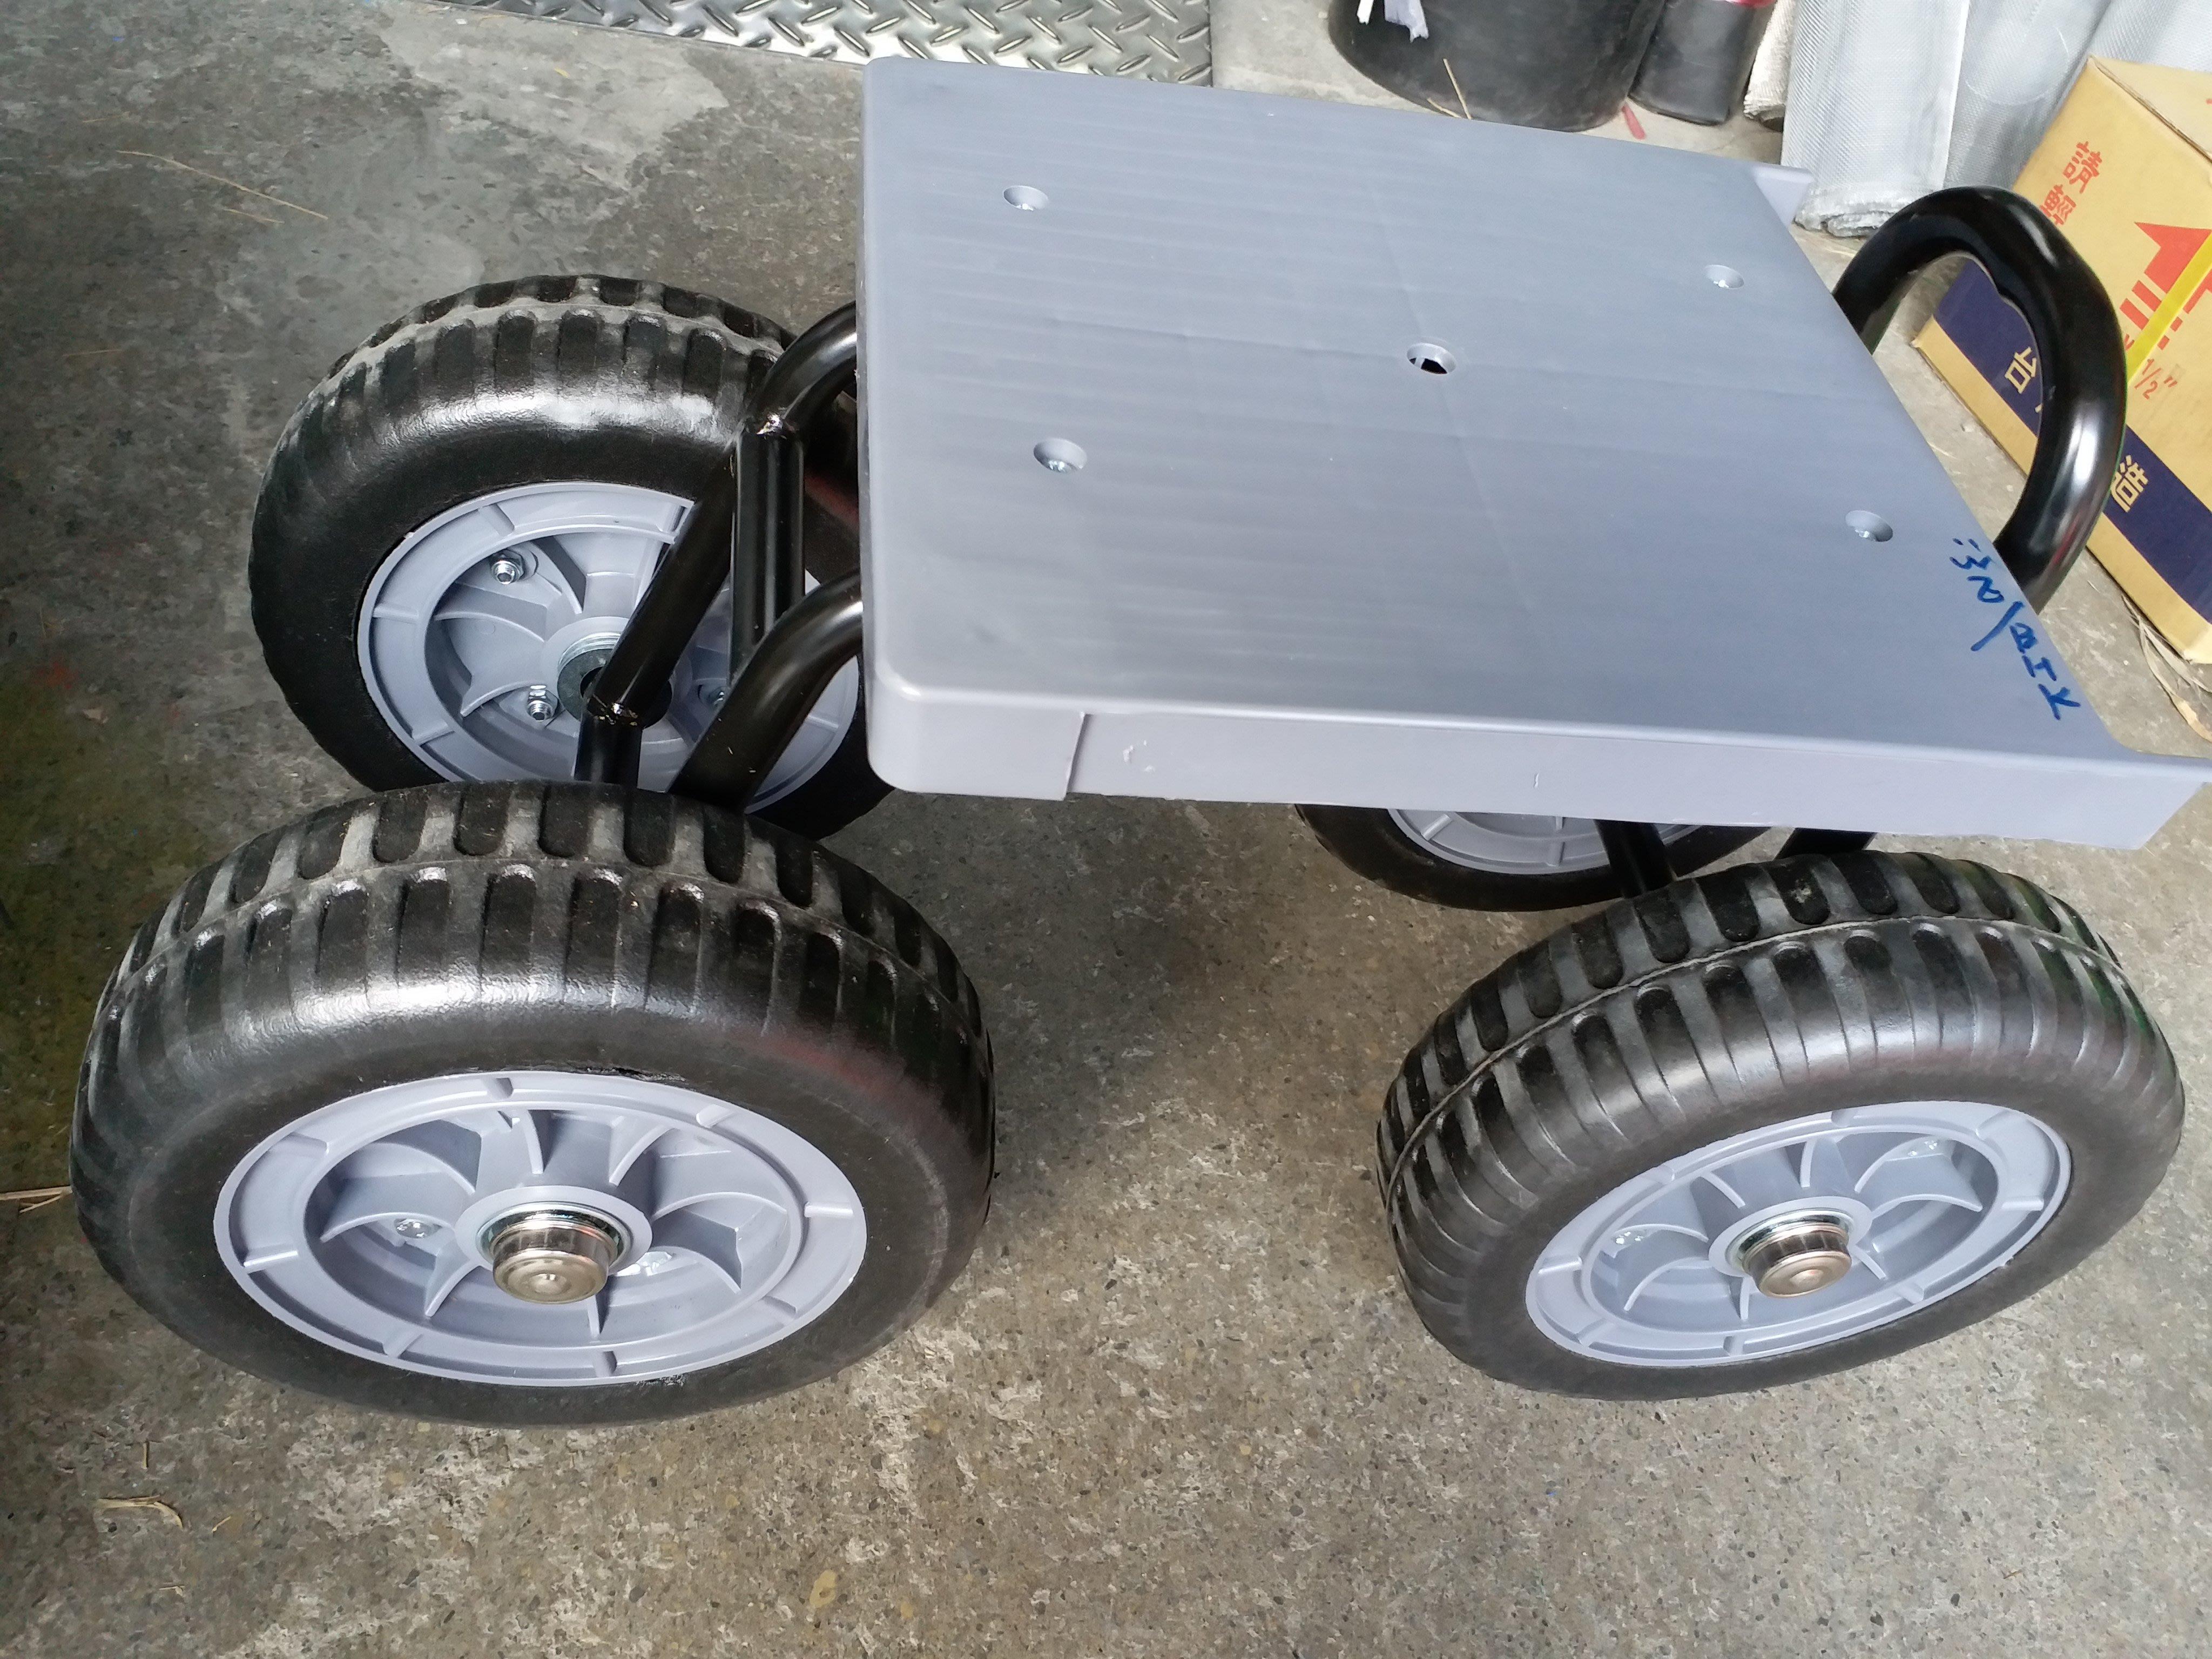 新款蔬果採收座車 輪子加大(9英吋)移動式四輪座車( 固定 )_粗俗俗五金大賣場